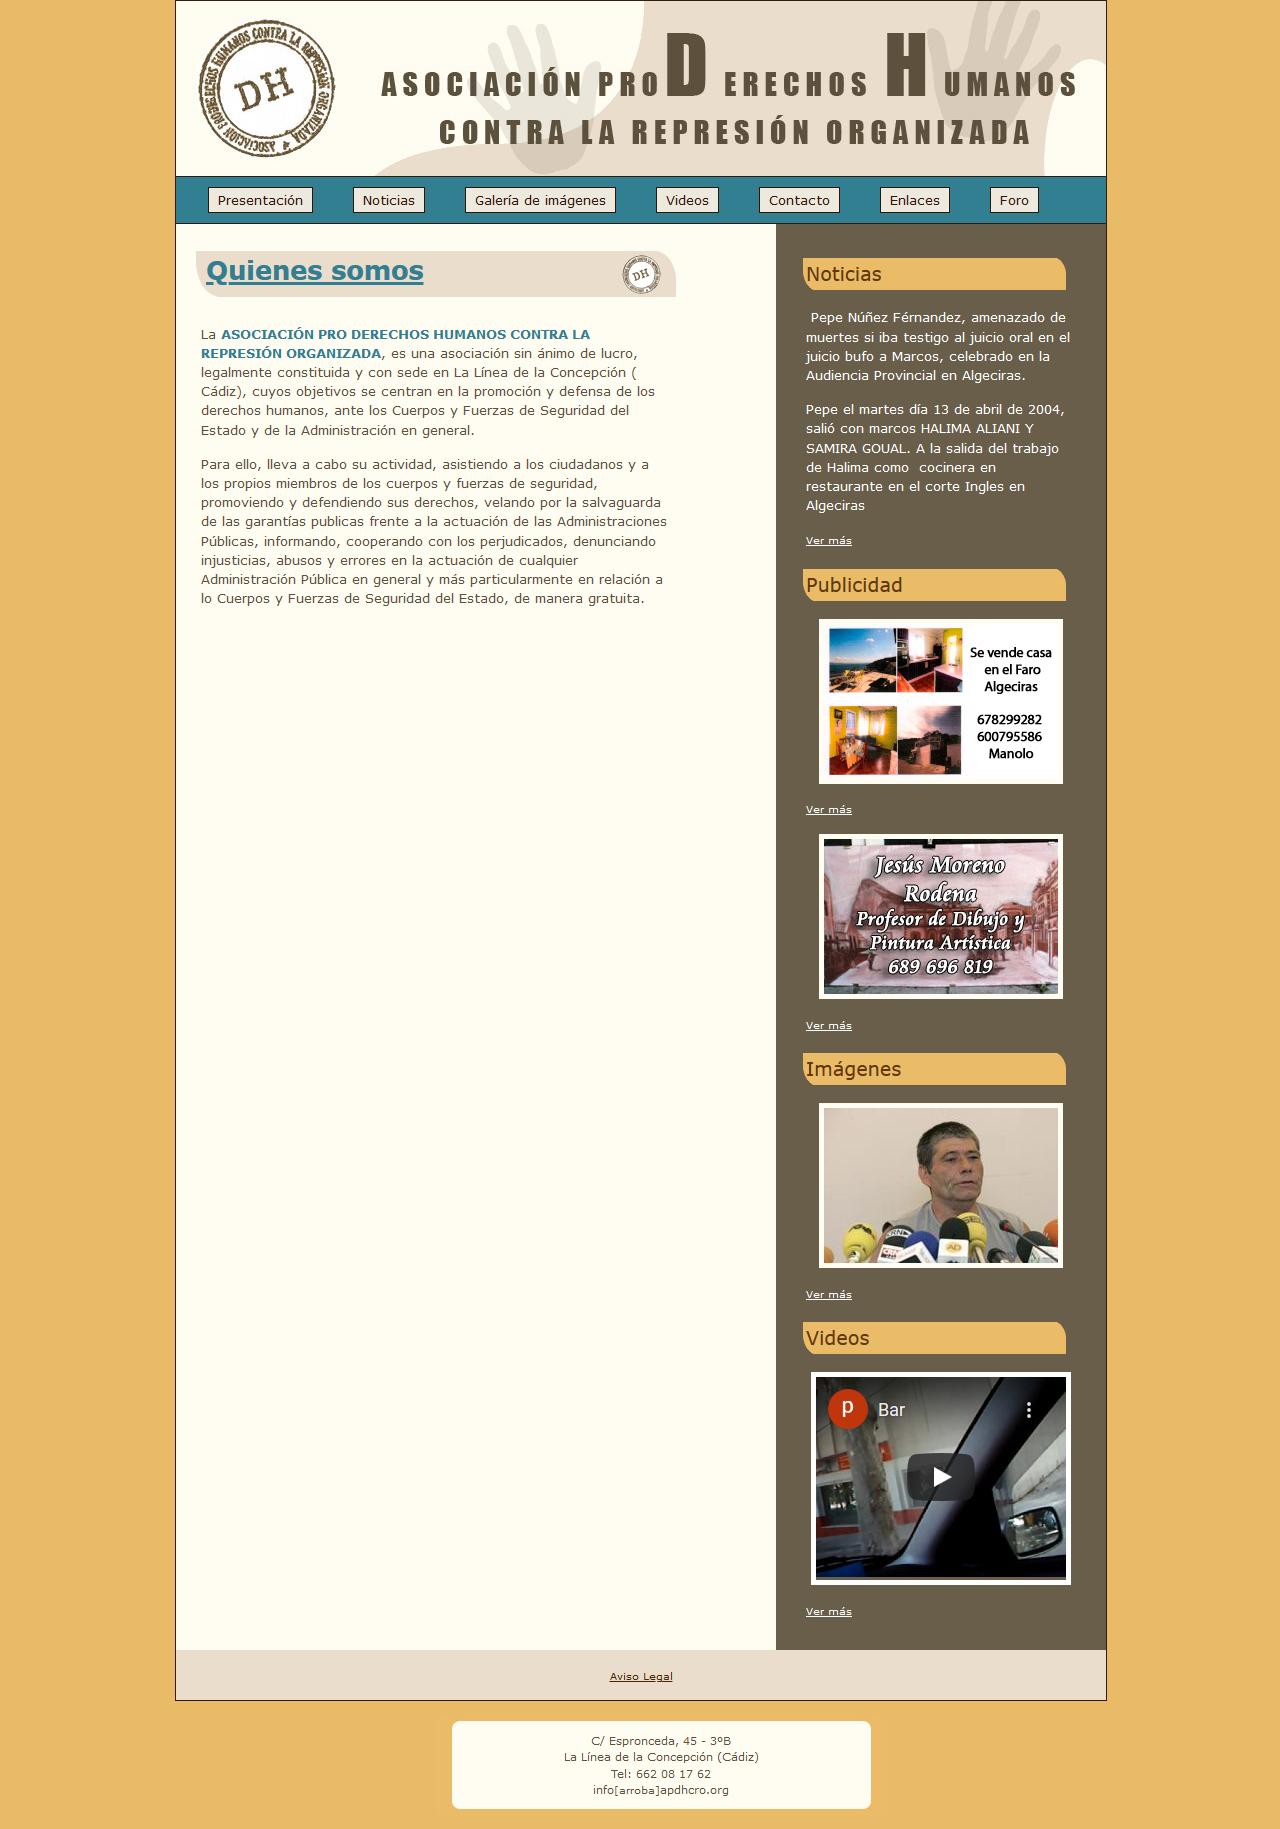 Asociación Pro Derechos Humanos Contra la Represión Organizada - www.apdhcro.org - Html, Css, Javascript, Php, Mysql, Photoshop. Año 2008